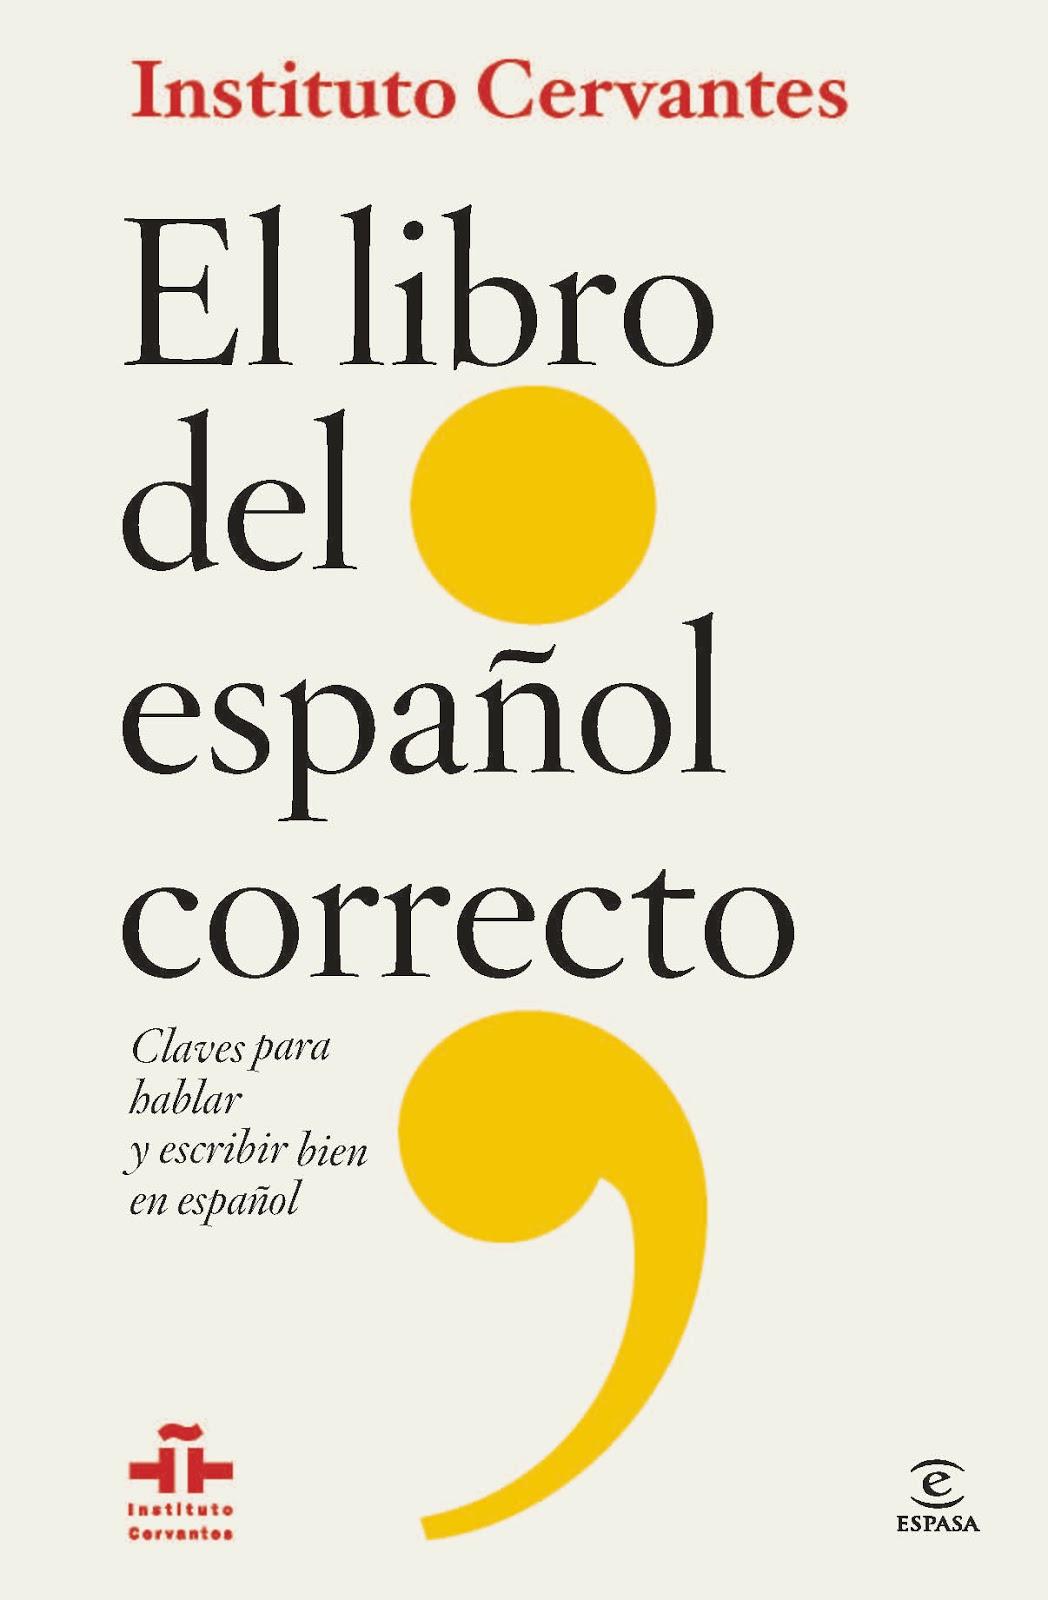 Secundaria Lengua y Literatura: Libro del español correcto